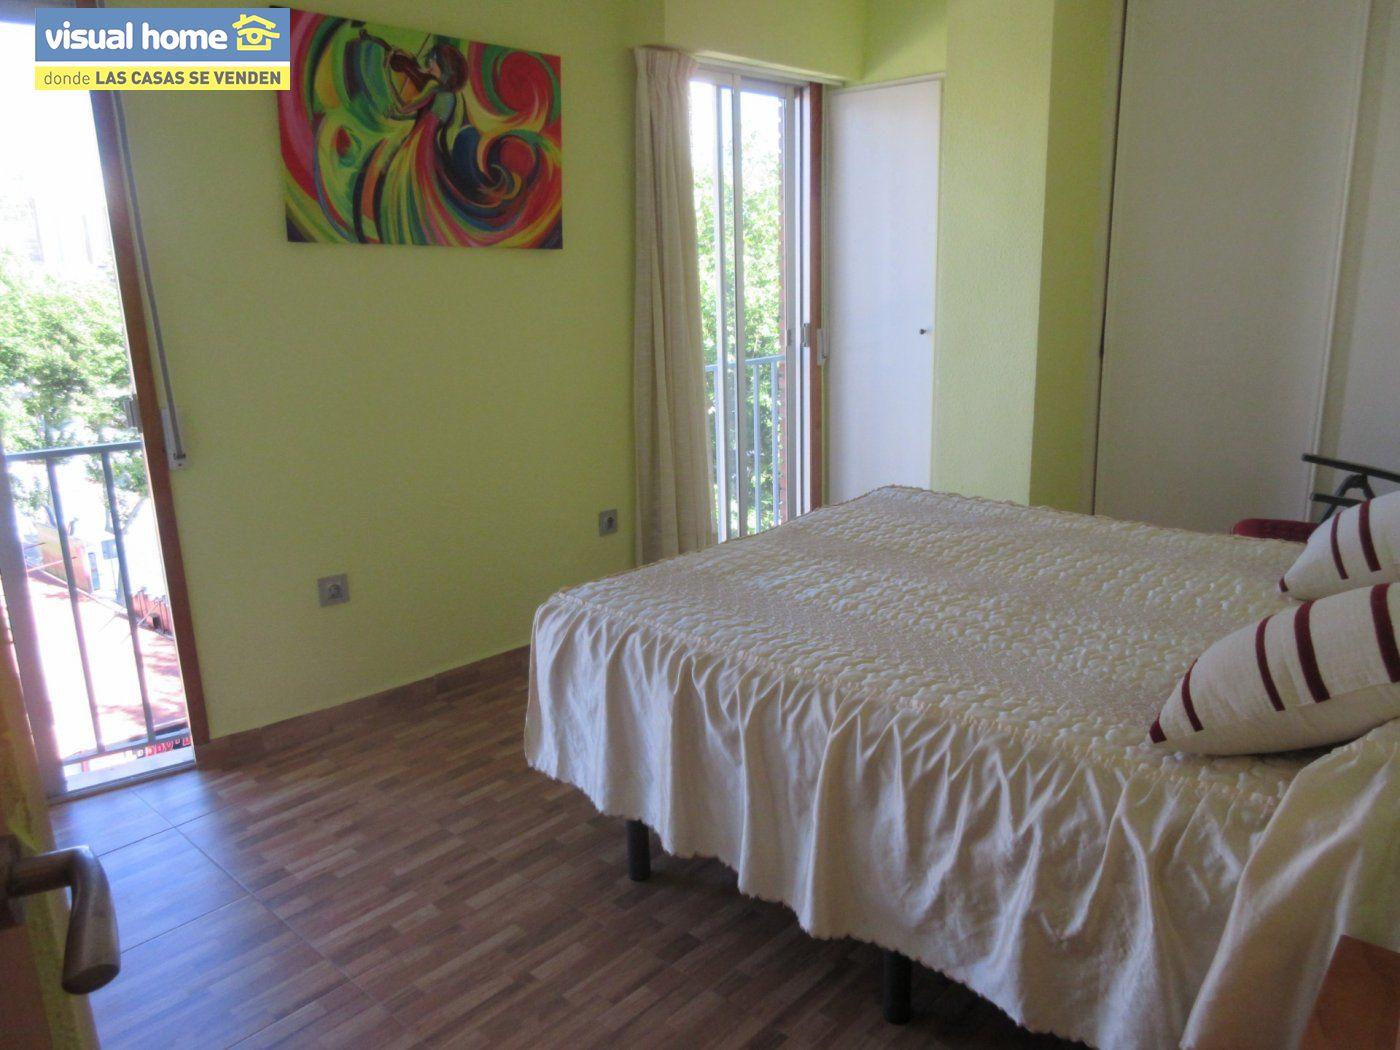 Apartamento todo exterior en Av/ Mediterráneo con garaje y piscina a 50 mts de la playa 30